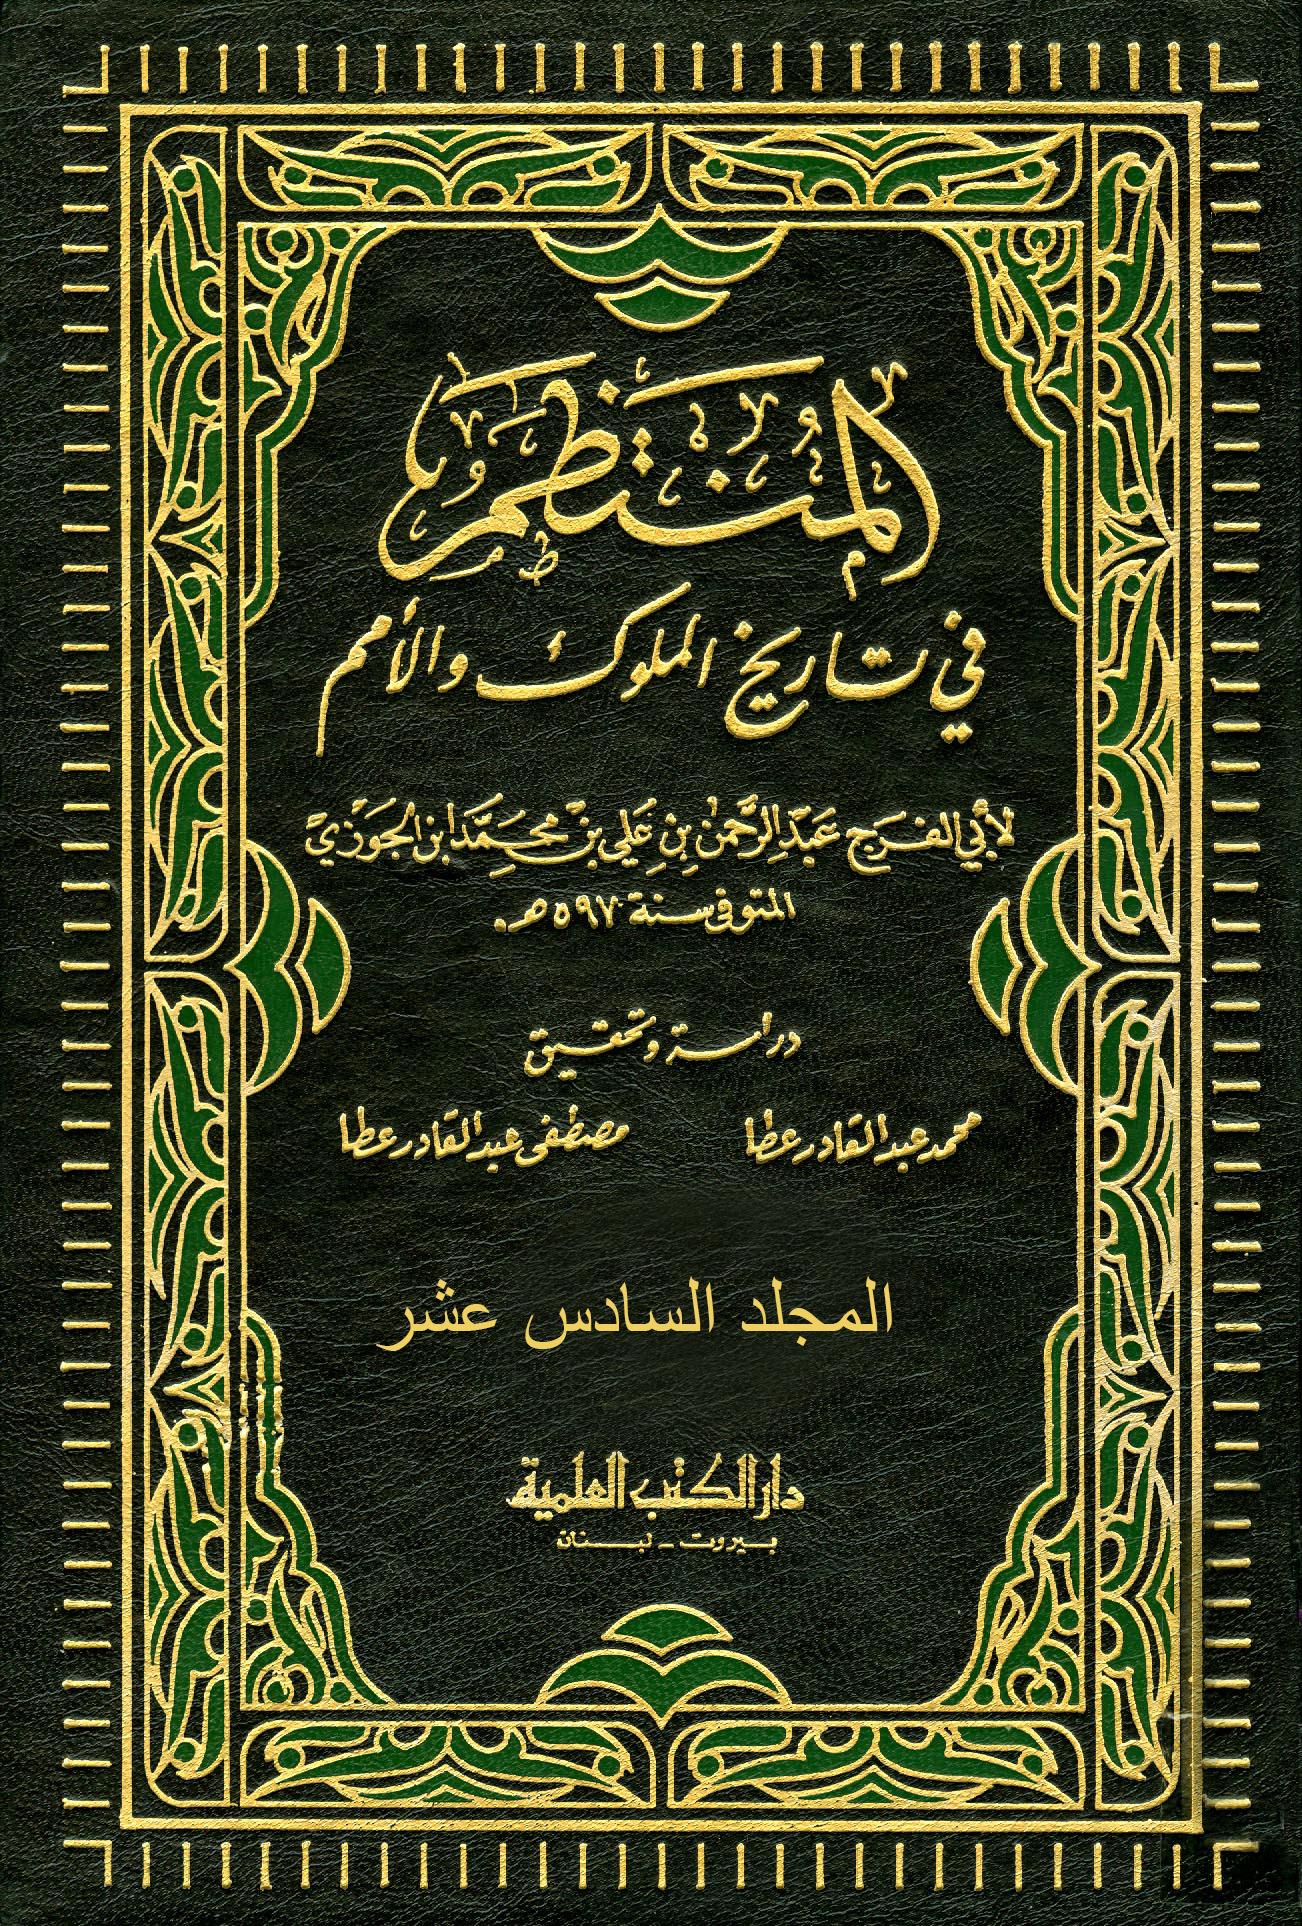 المنتظم في تاريخ الملوك والأمم - م 16 (448 هـ - 485 هـ)